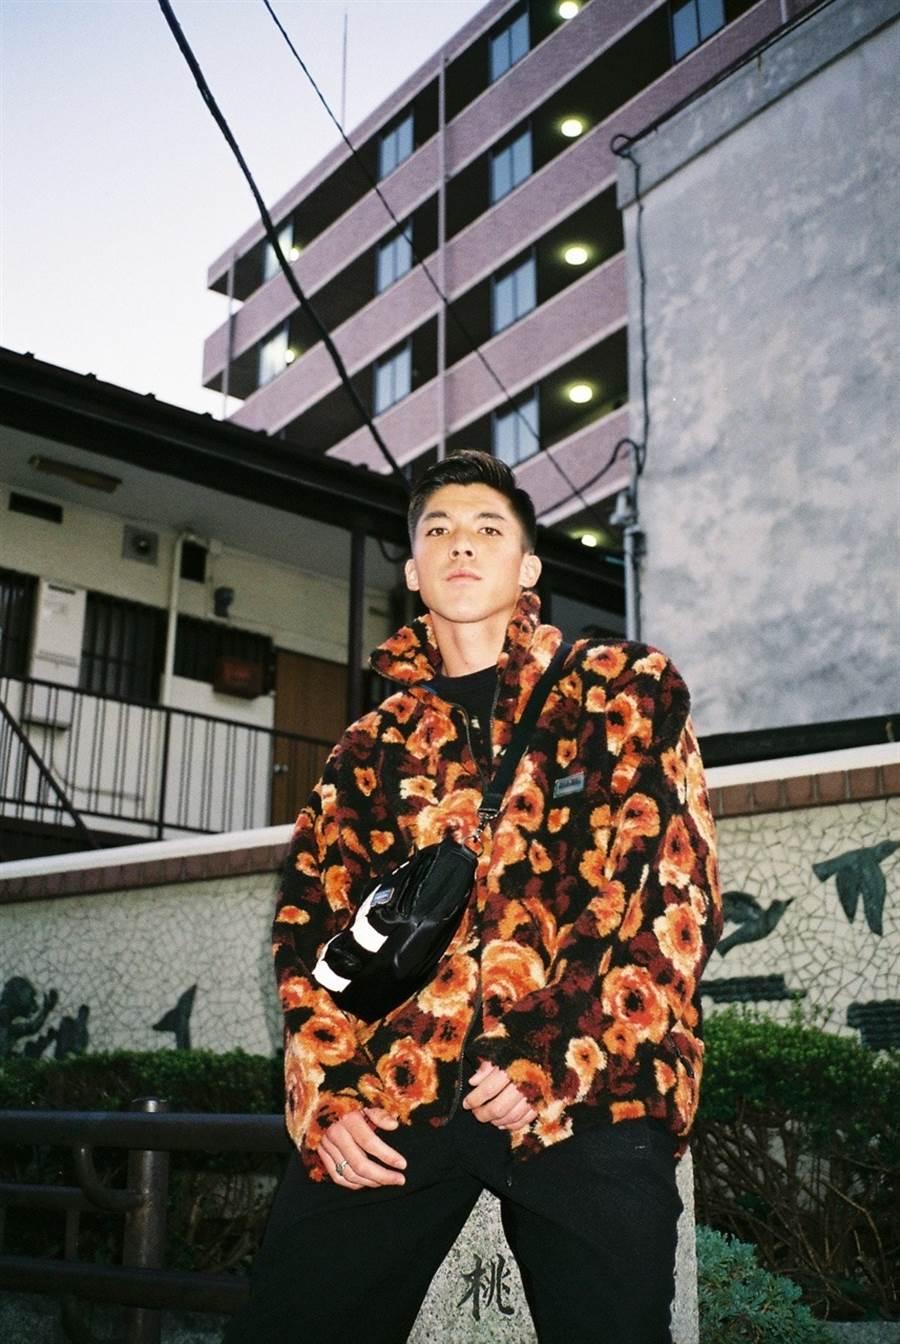 町田澤維亞足球隊的帥哥足球員富樫敬真。(圖/翻攝自推特)